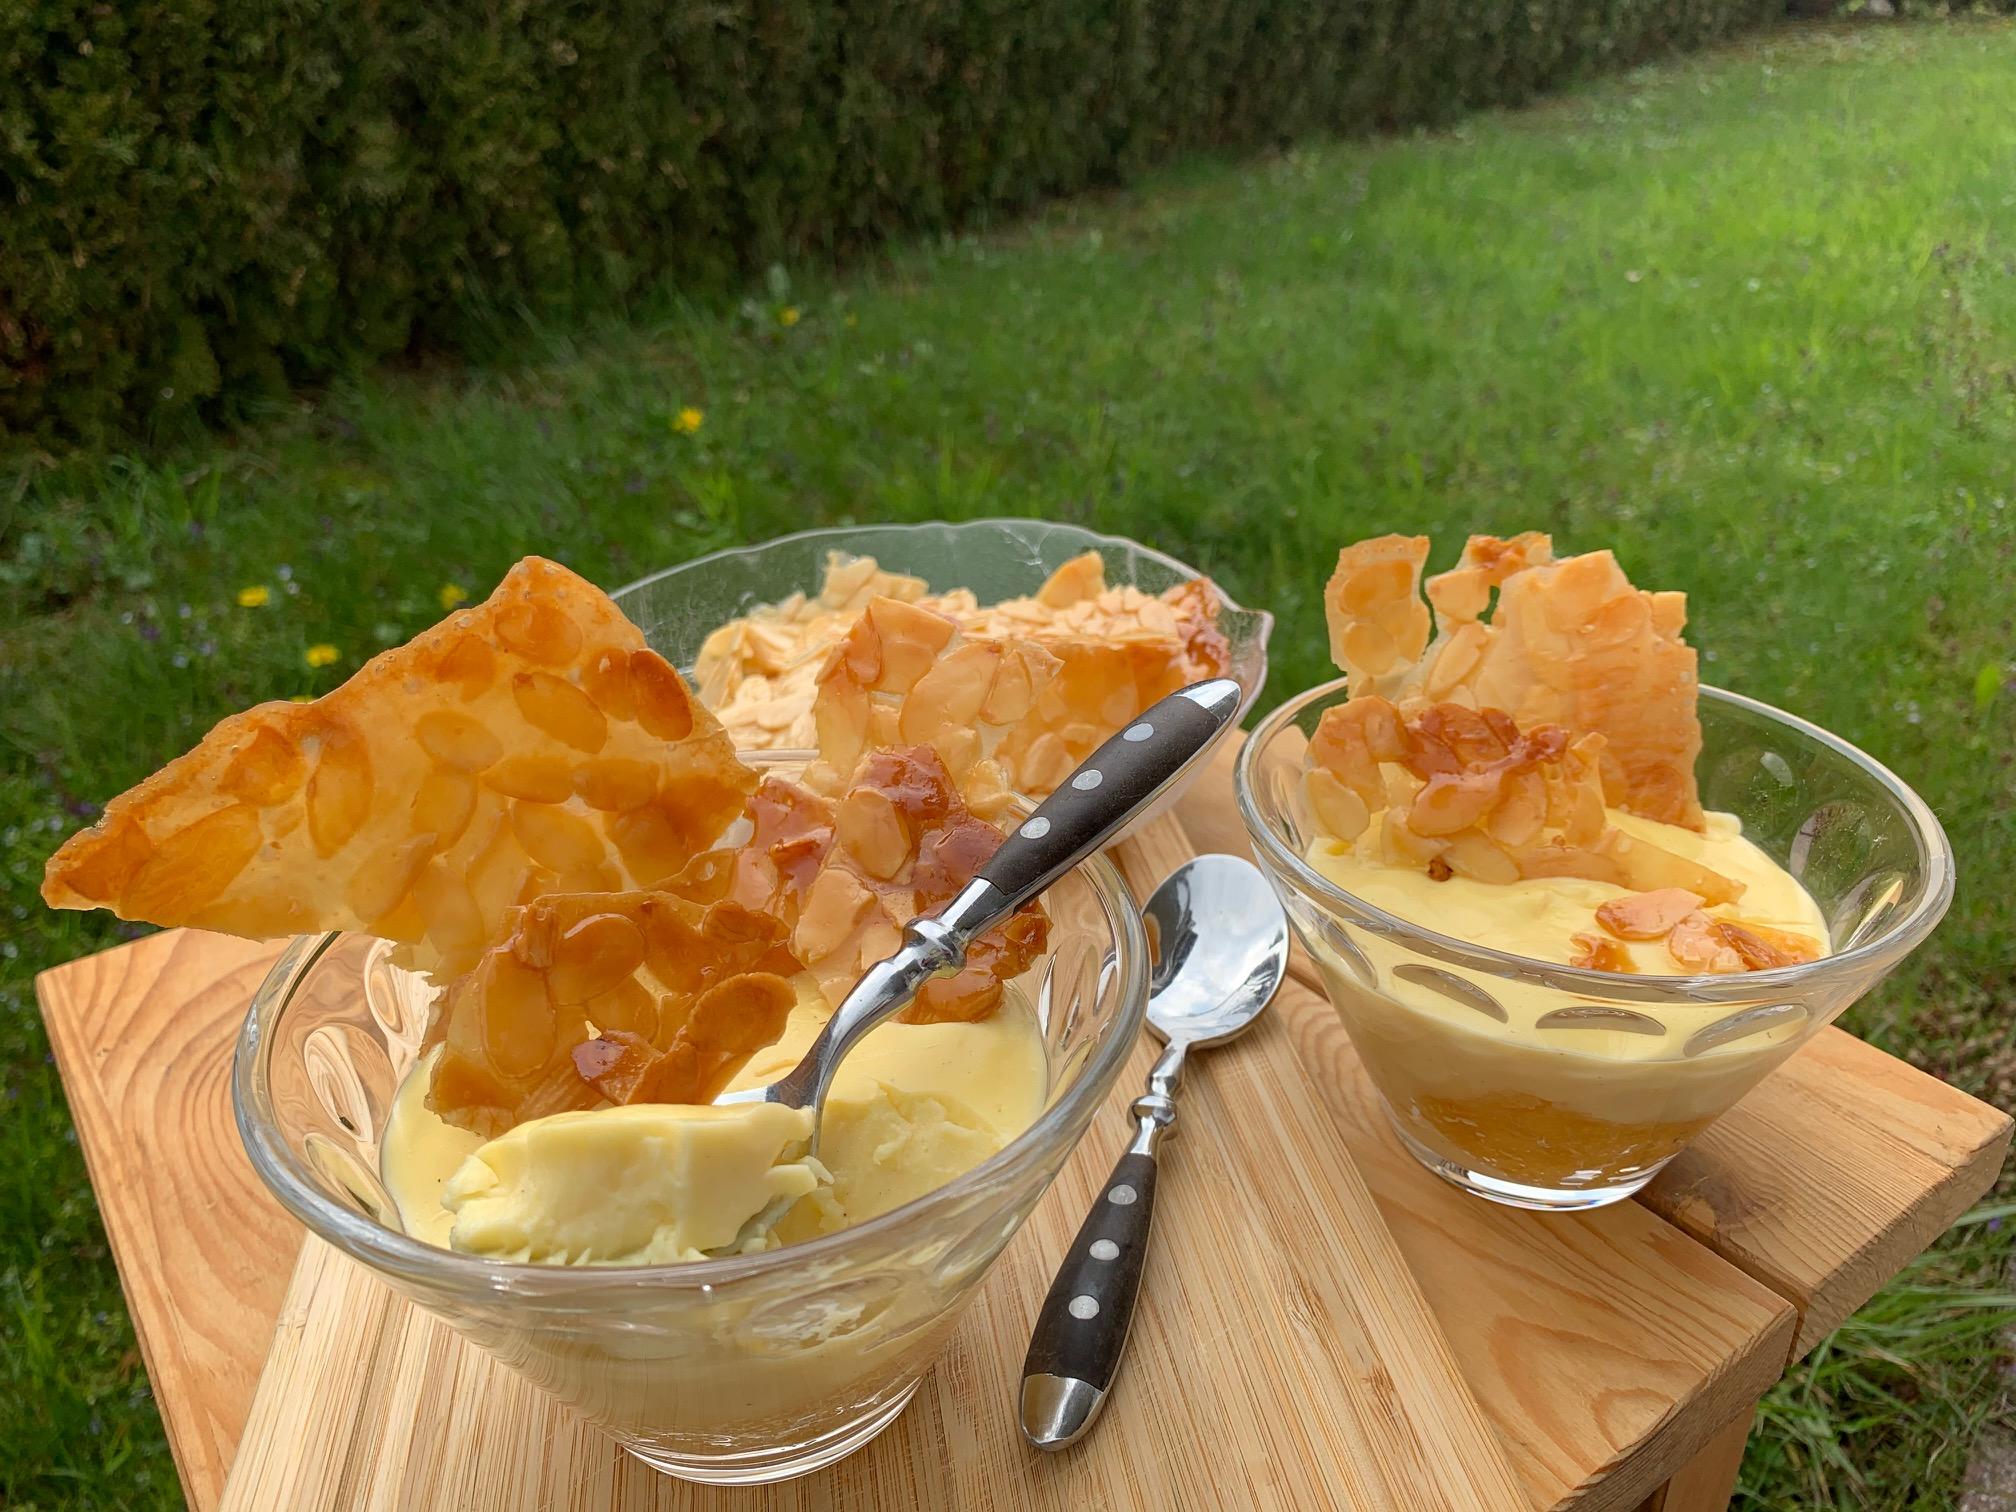 Bienenstich Dessert im Glas